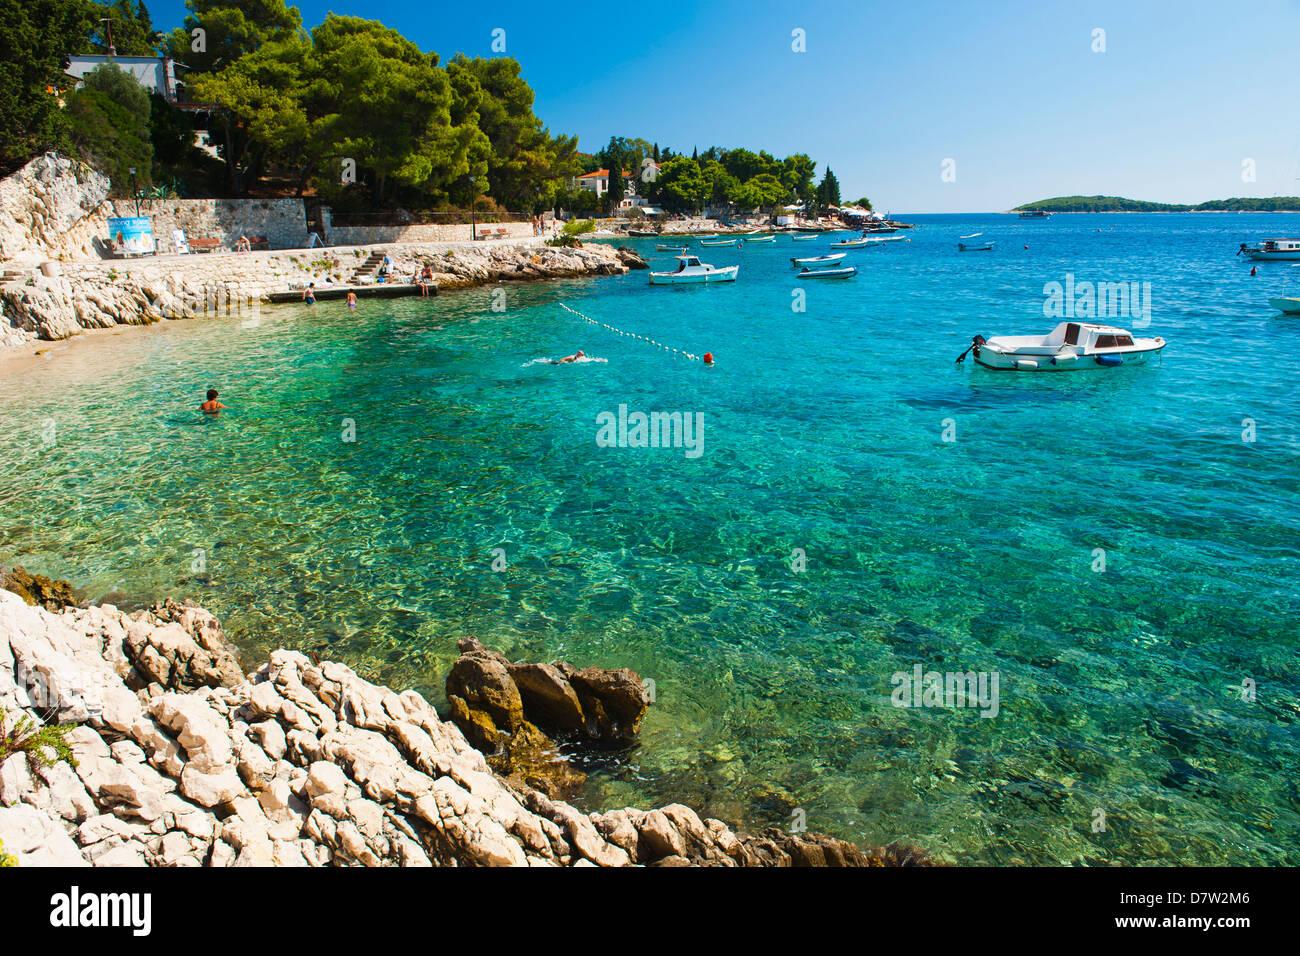 Chorwacja domki do wynajęcia na wakacje nad morzem gdańsk letniskowe